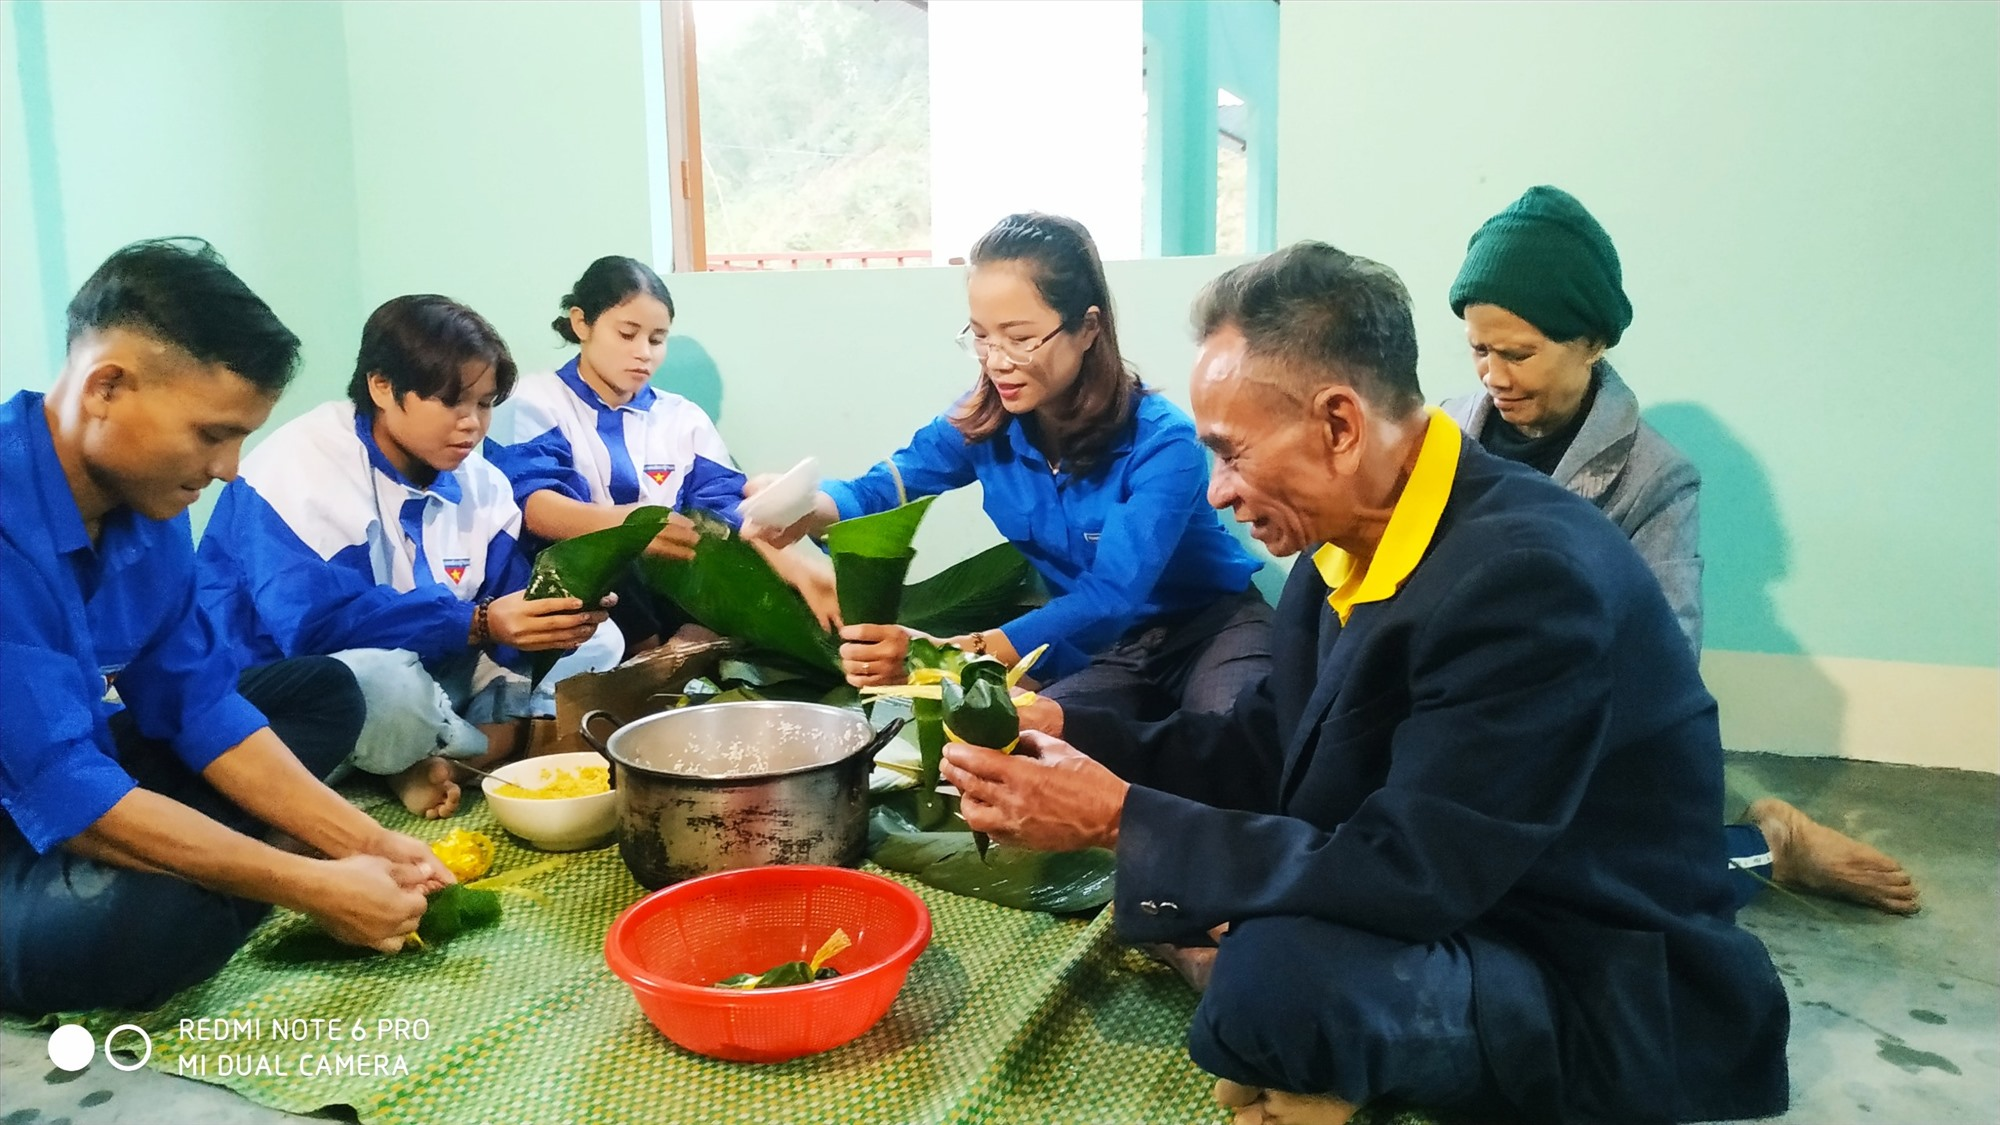 Đoàn viên thanh niên cùng gia đình ông Hồ Văn Đề gói bánh, nấu bánh, chuẩn bị cho bữa cơm tất niên, dọn về nhà mới. Ảnh: M.HẠNH